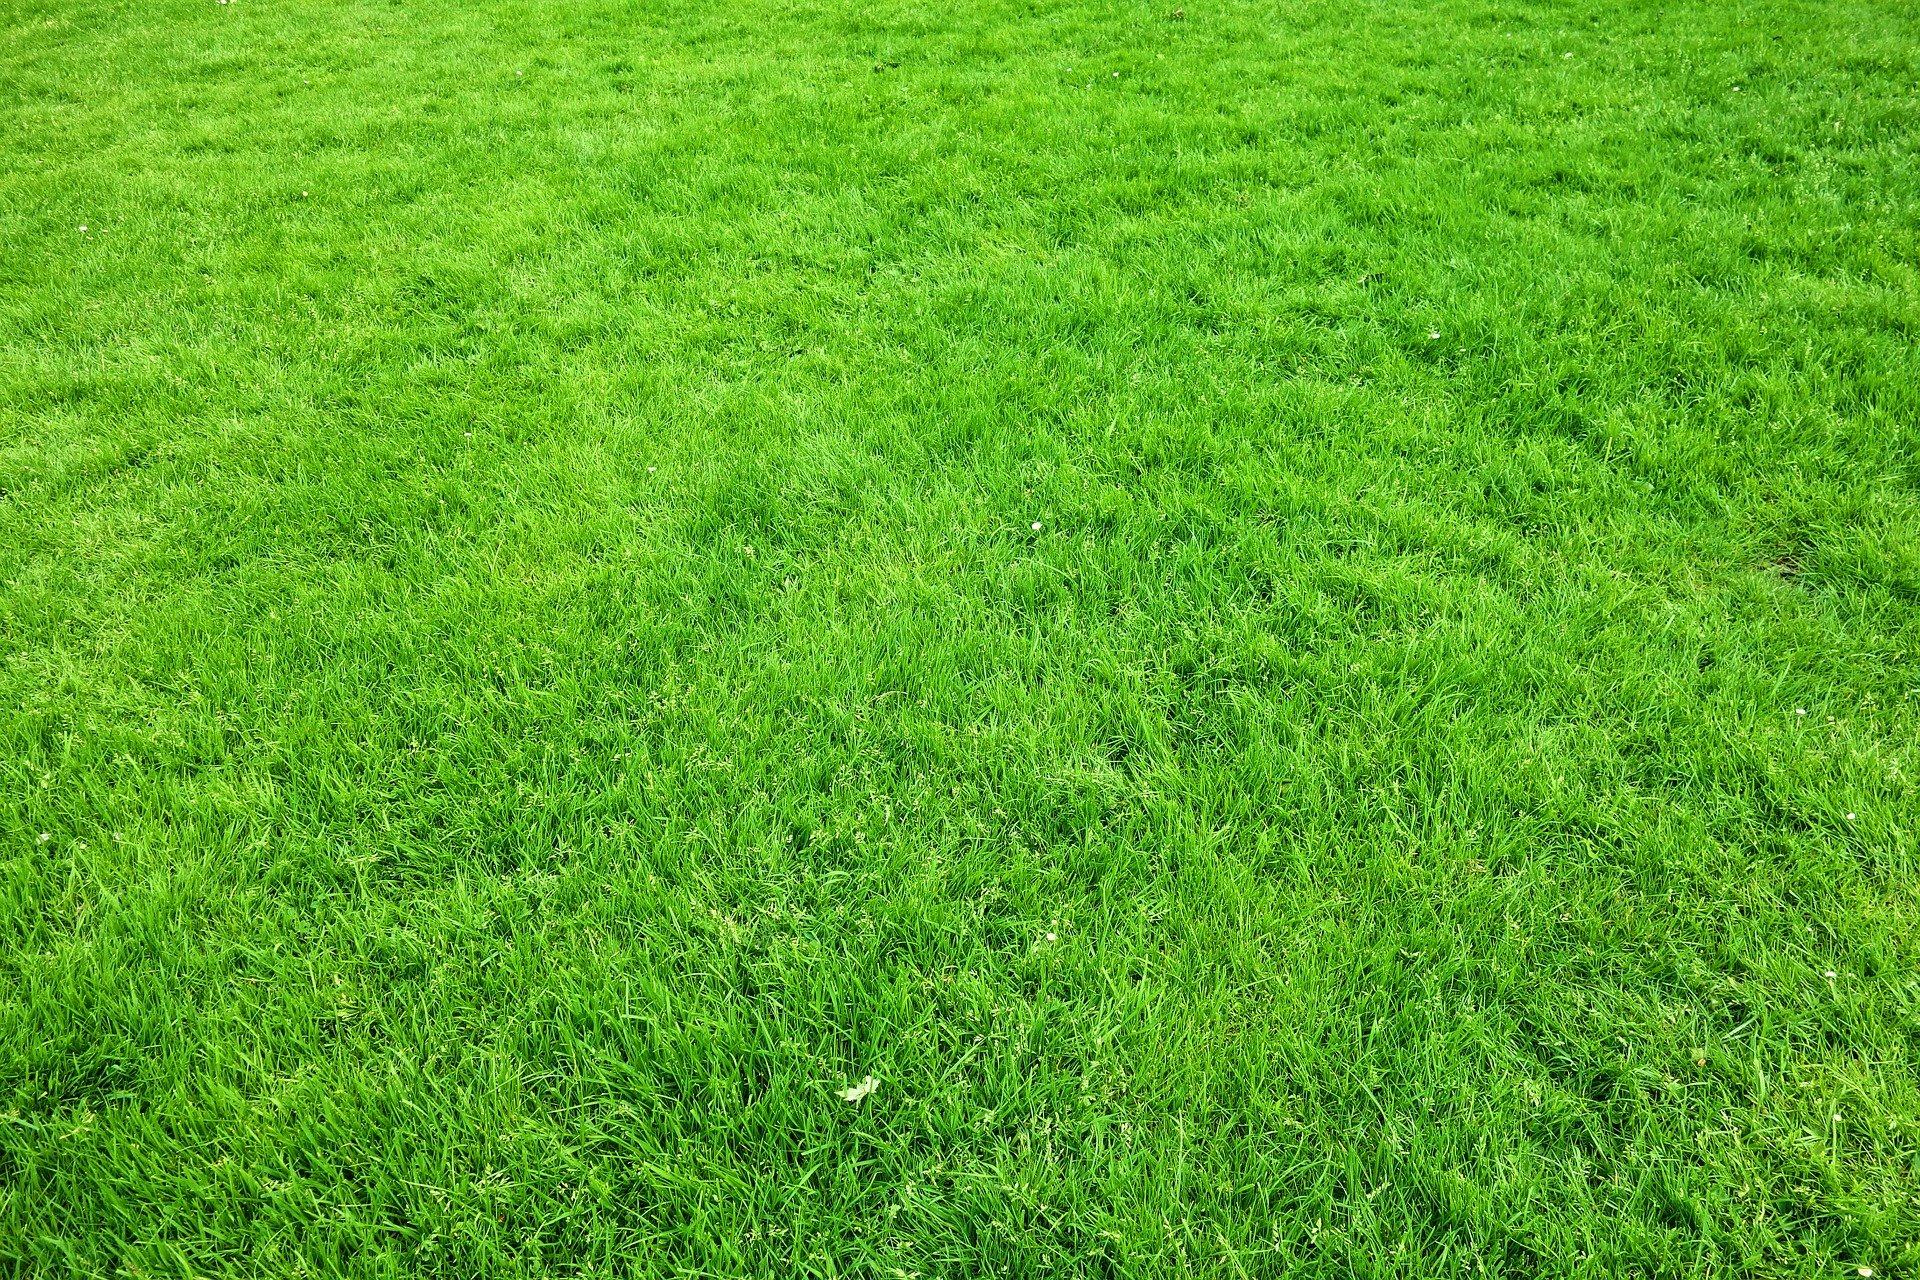 Best Fertilizers for St. Augustine Grass